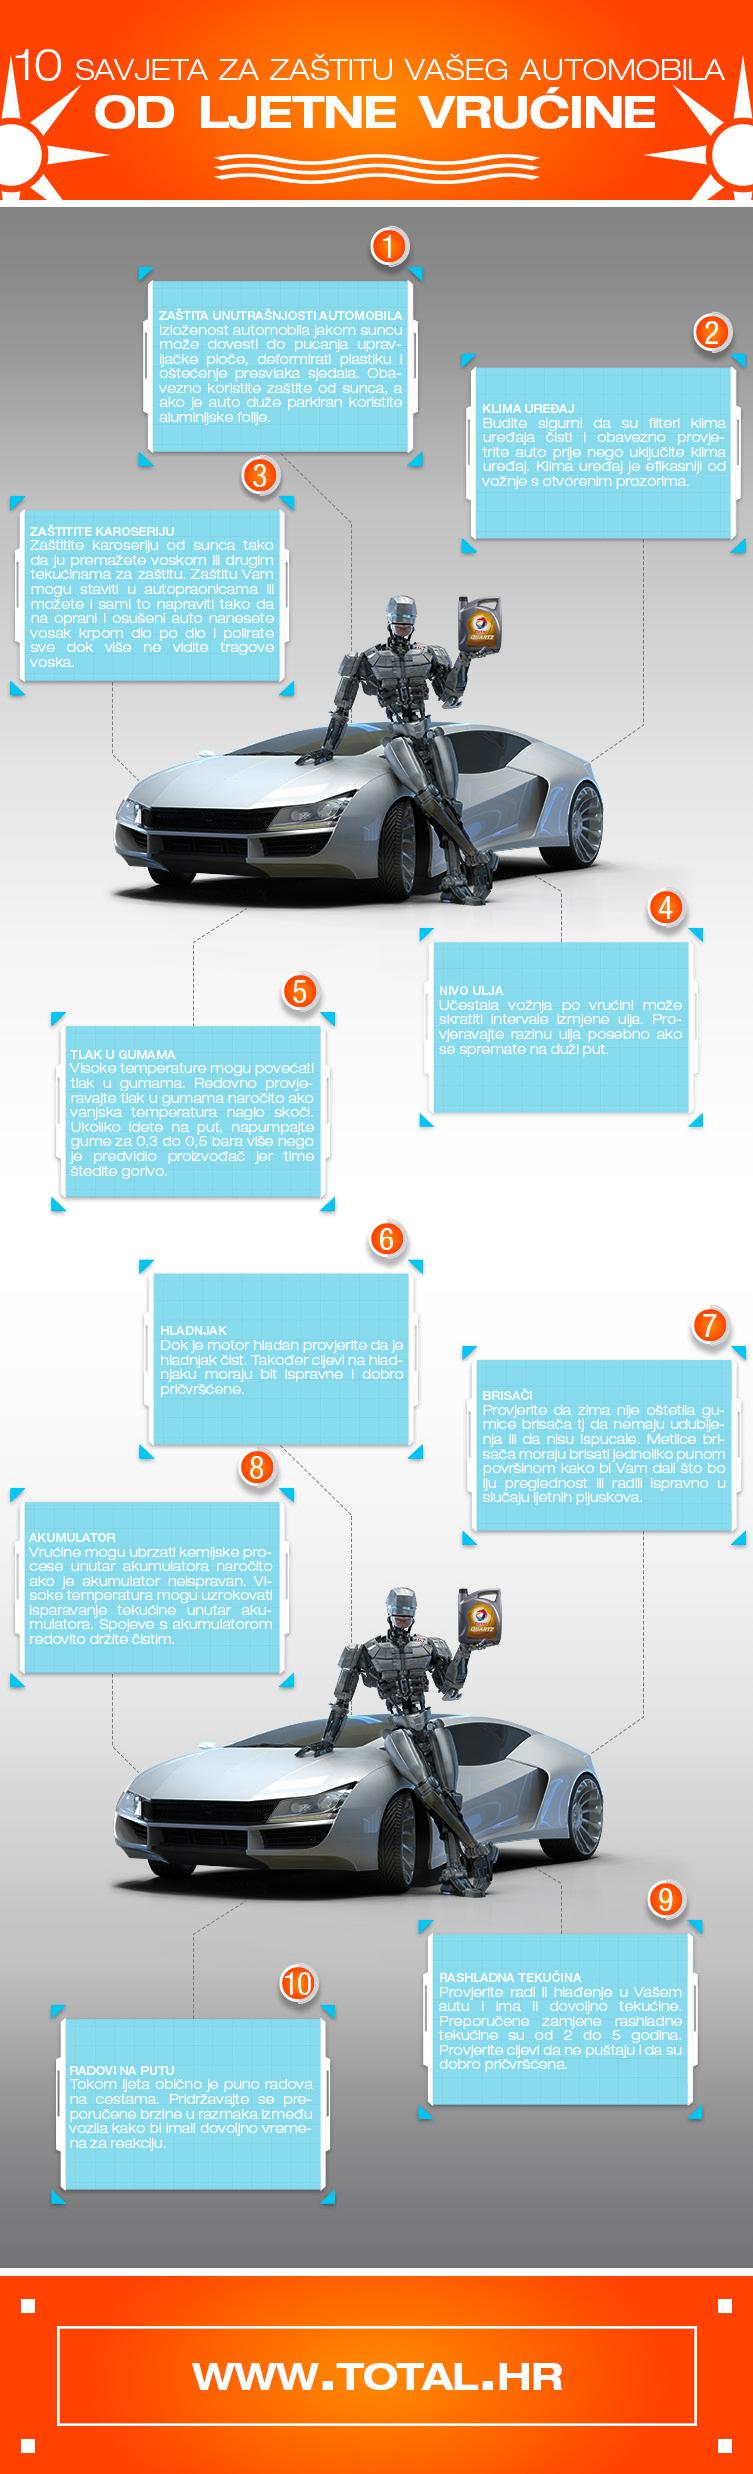 10 savjeta za zaštitu Vašeg automobila od ljetne vrućine